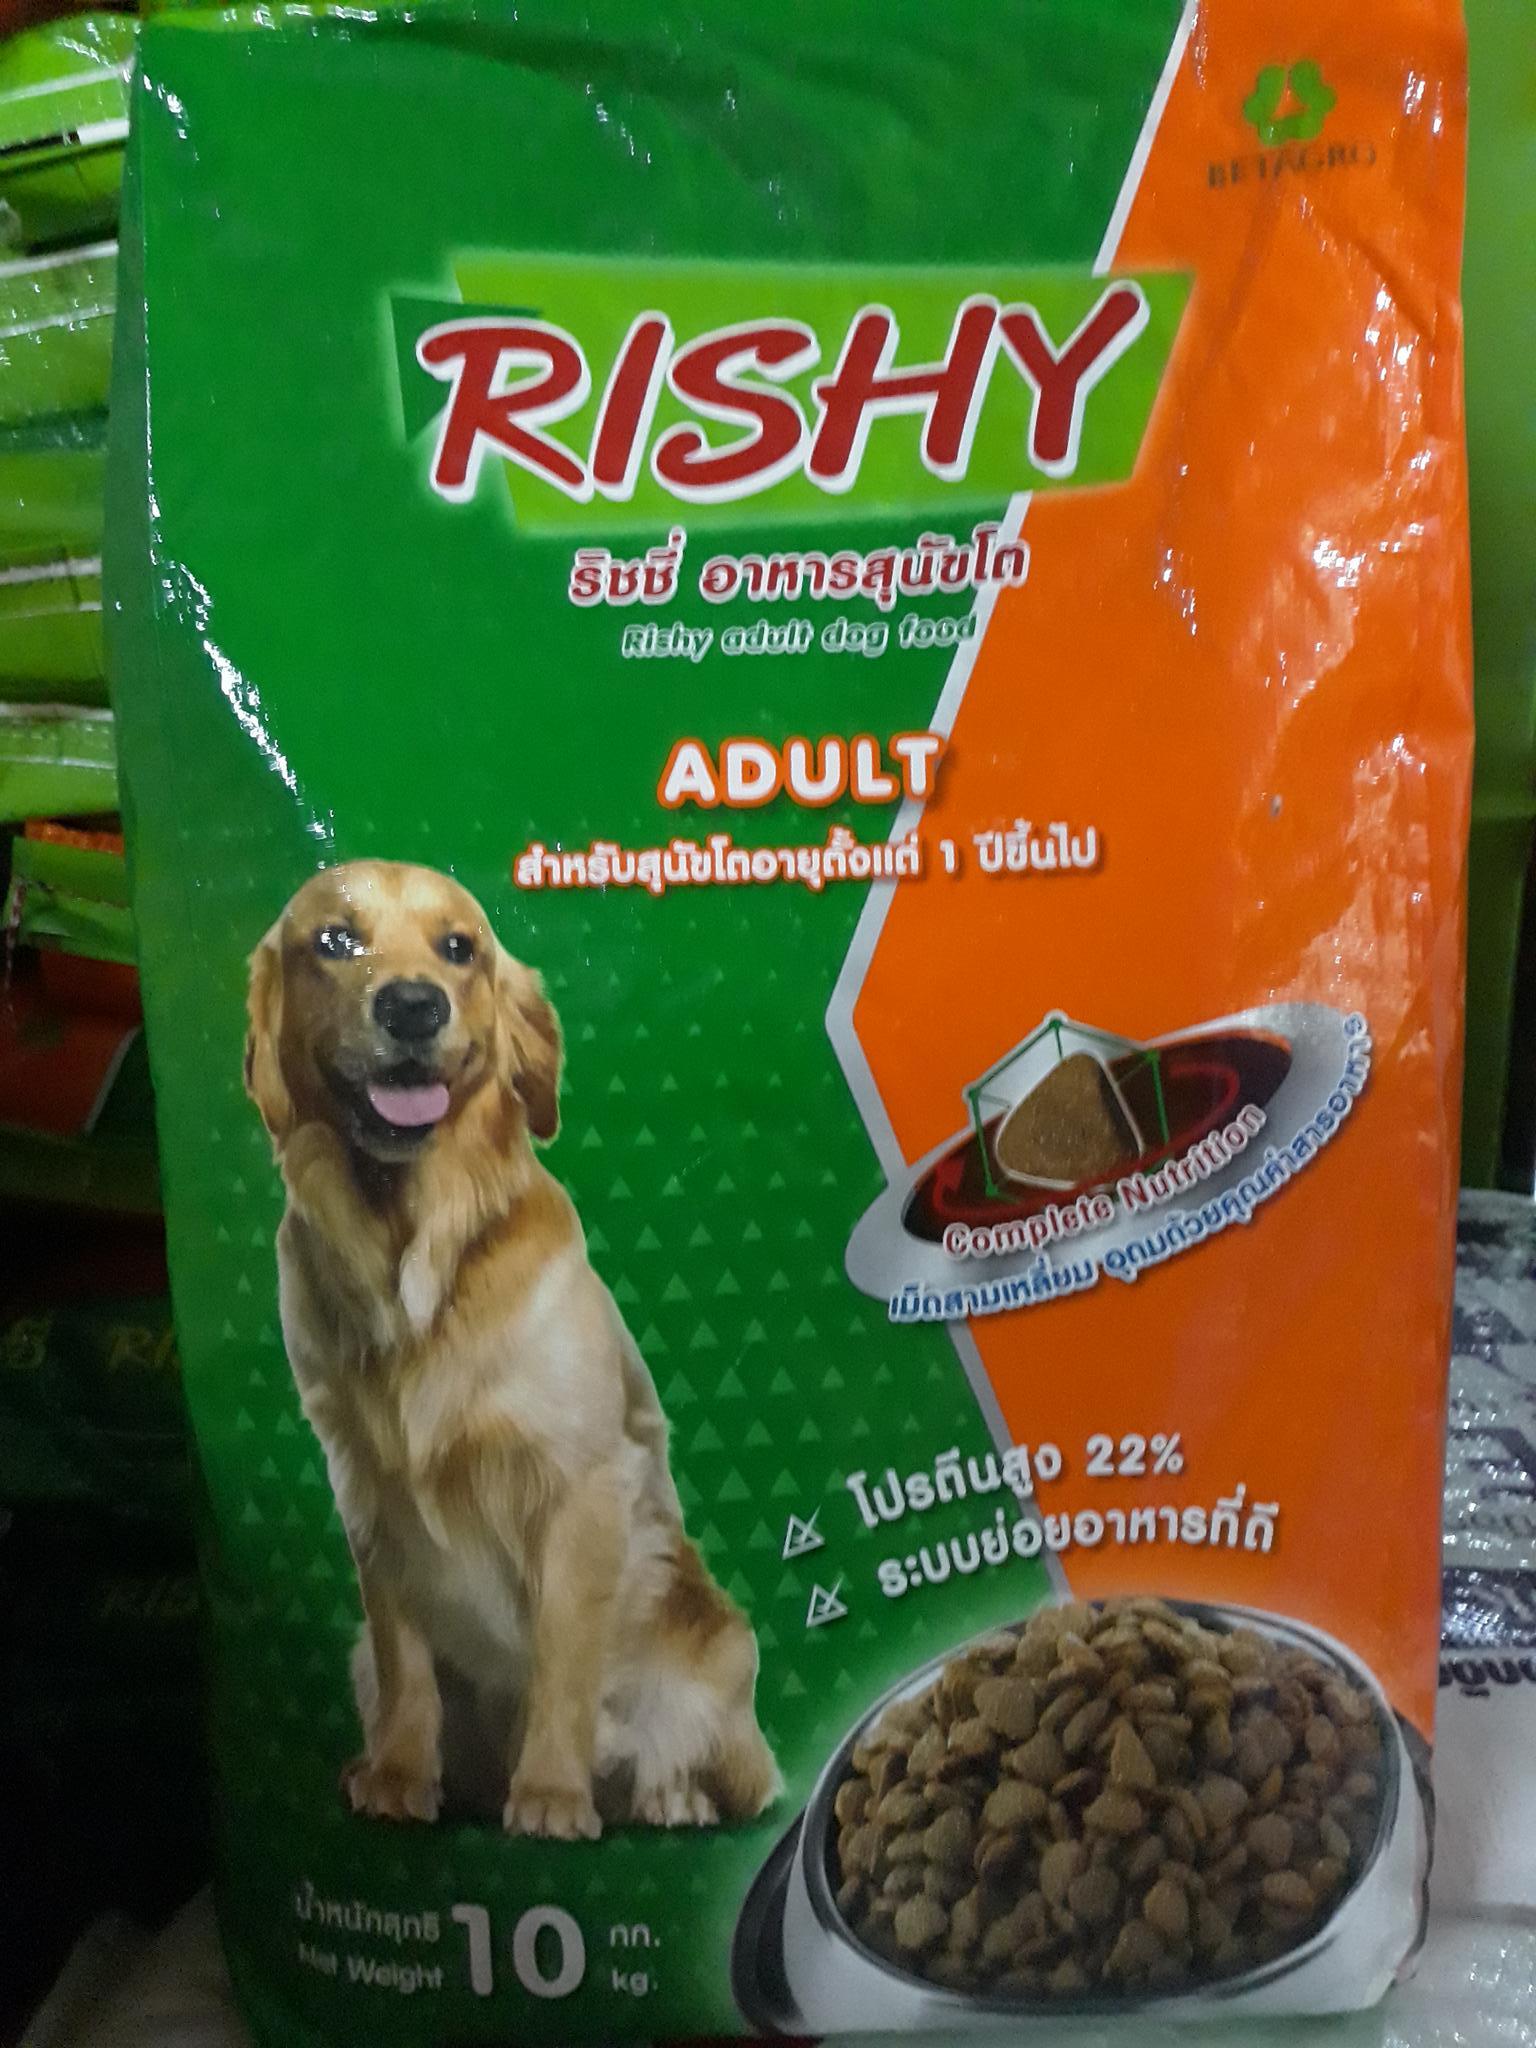 อาหารสุนัขโต ริชชี่ (Rishy) 10 กิโลกรัม